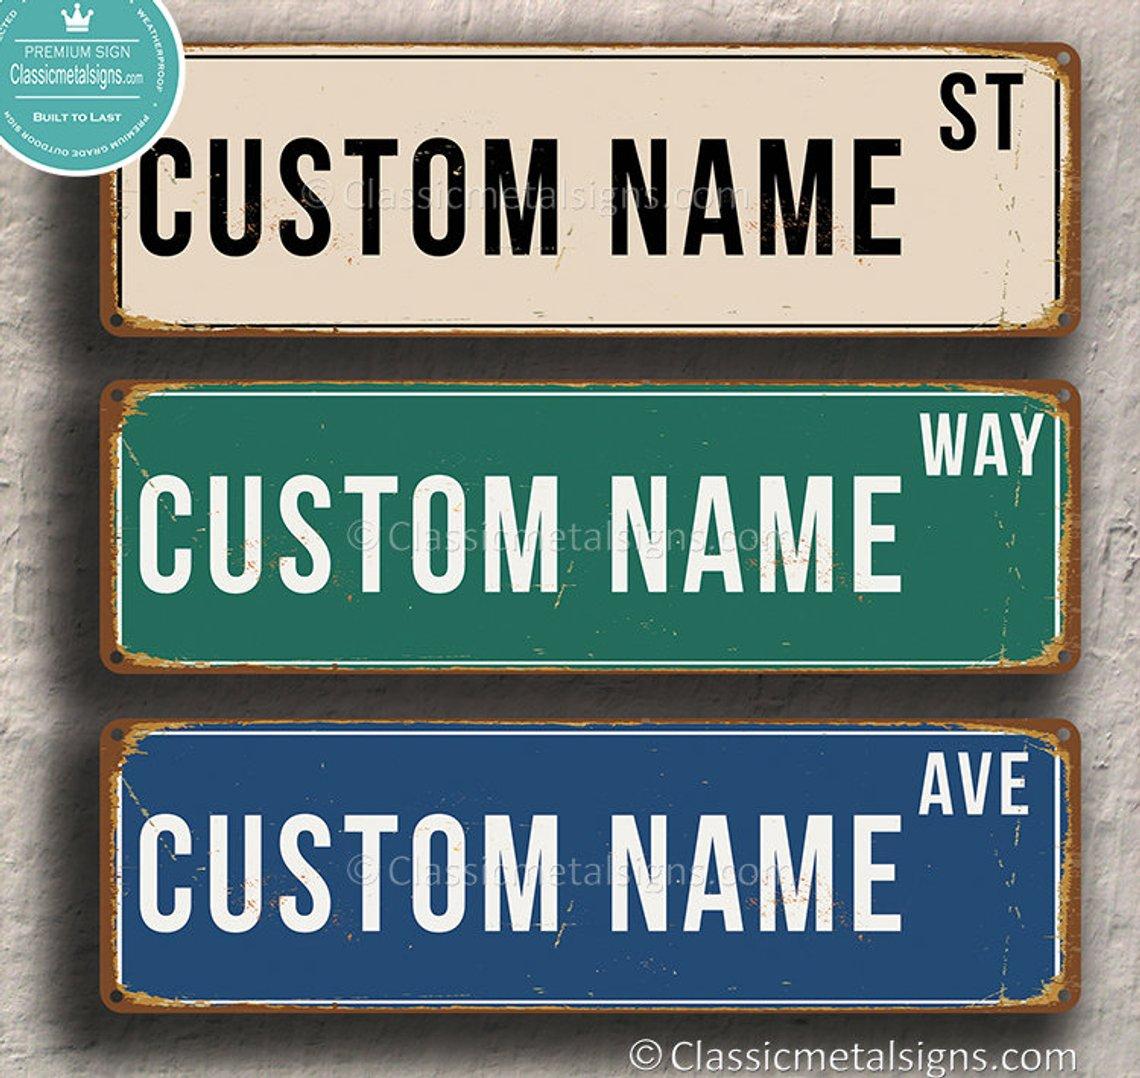 gift-guide-custom-street-sign